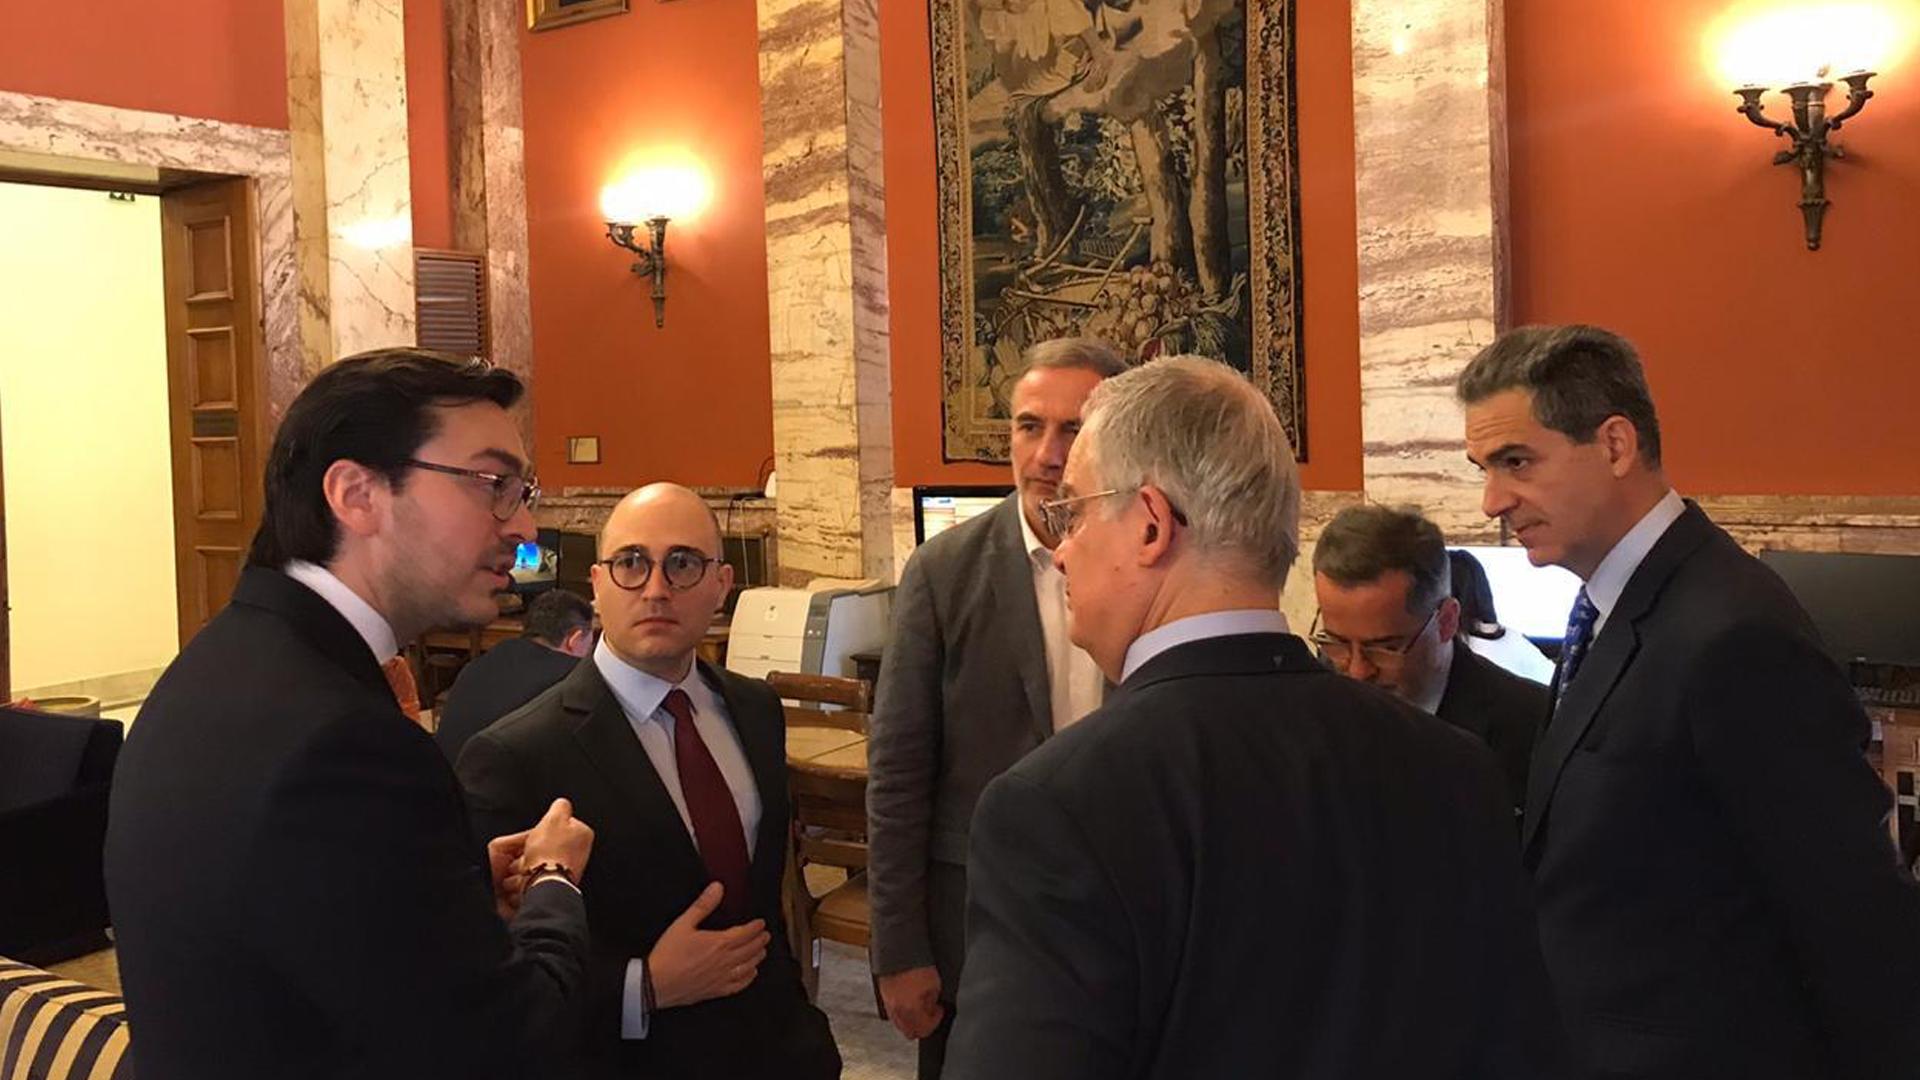 Parlamento de Grecia recibe al embajador de Venezuela designado por Guaidó